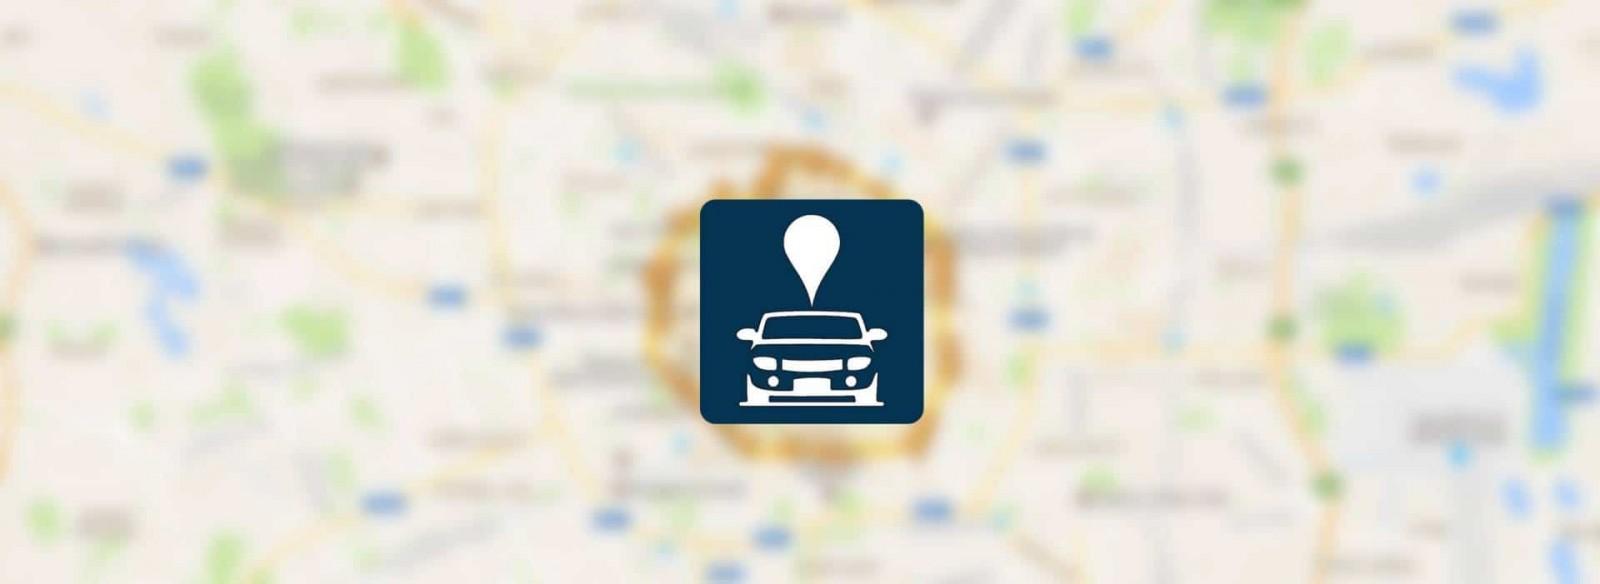 L'app ZTL City evita l'ingresso in zone a traffico limitato